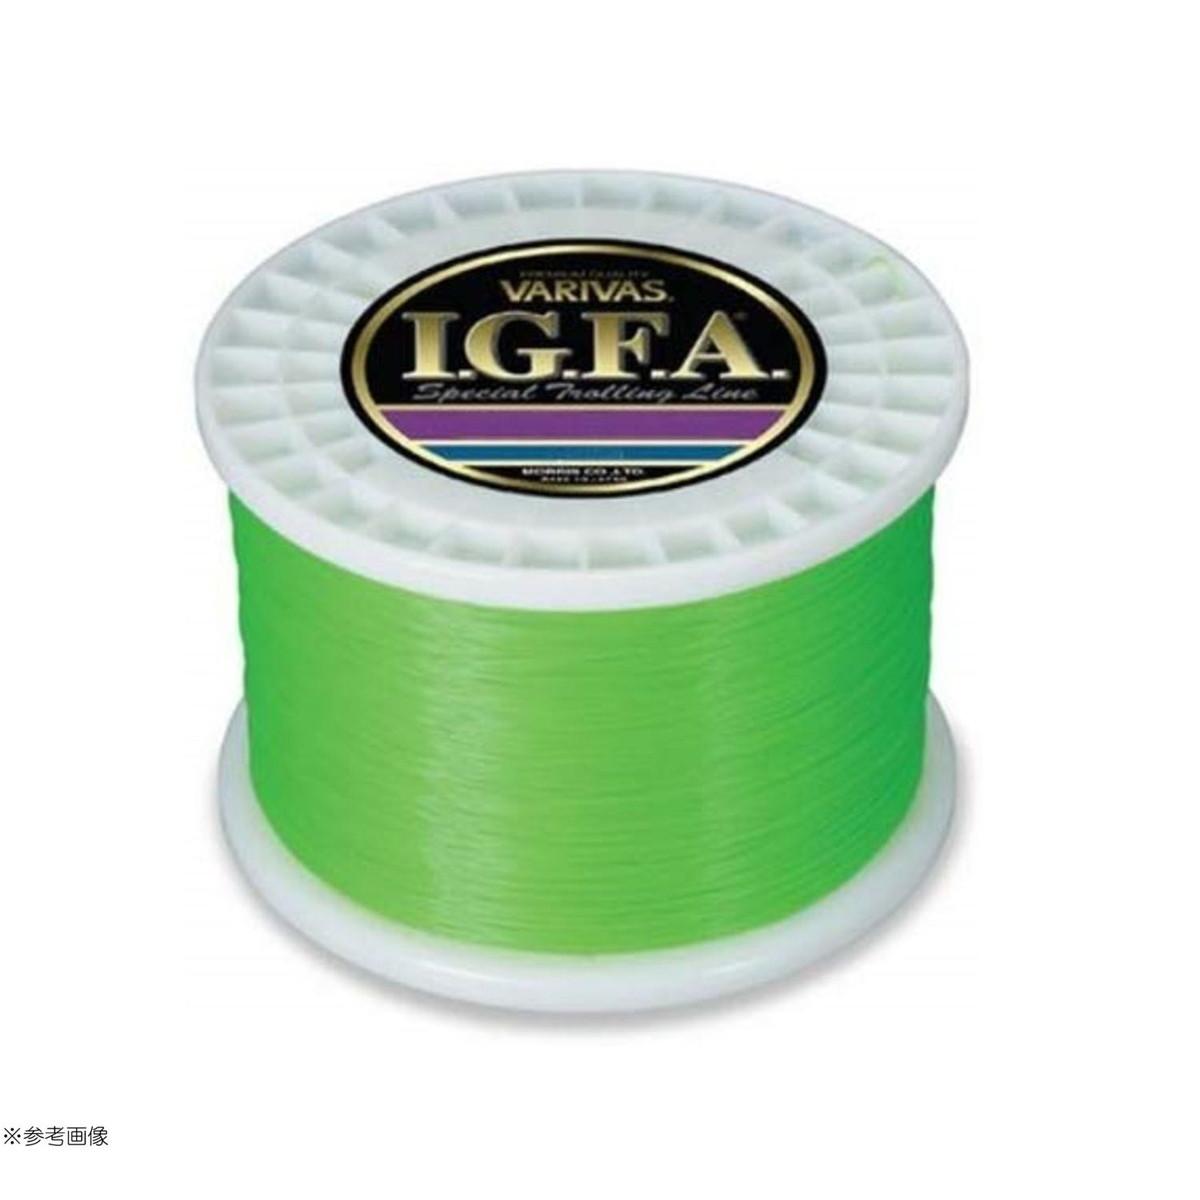 【送料無料4】モーリス ライン VARIVAS I.G.F.A. スペシャルトローリングライン フラッシュグリーン 4500m 50LB